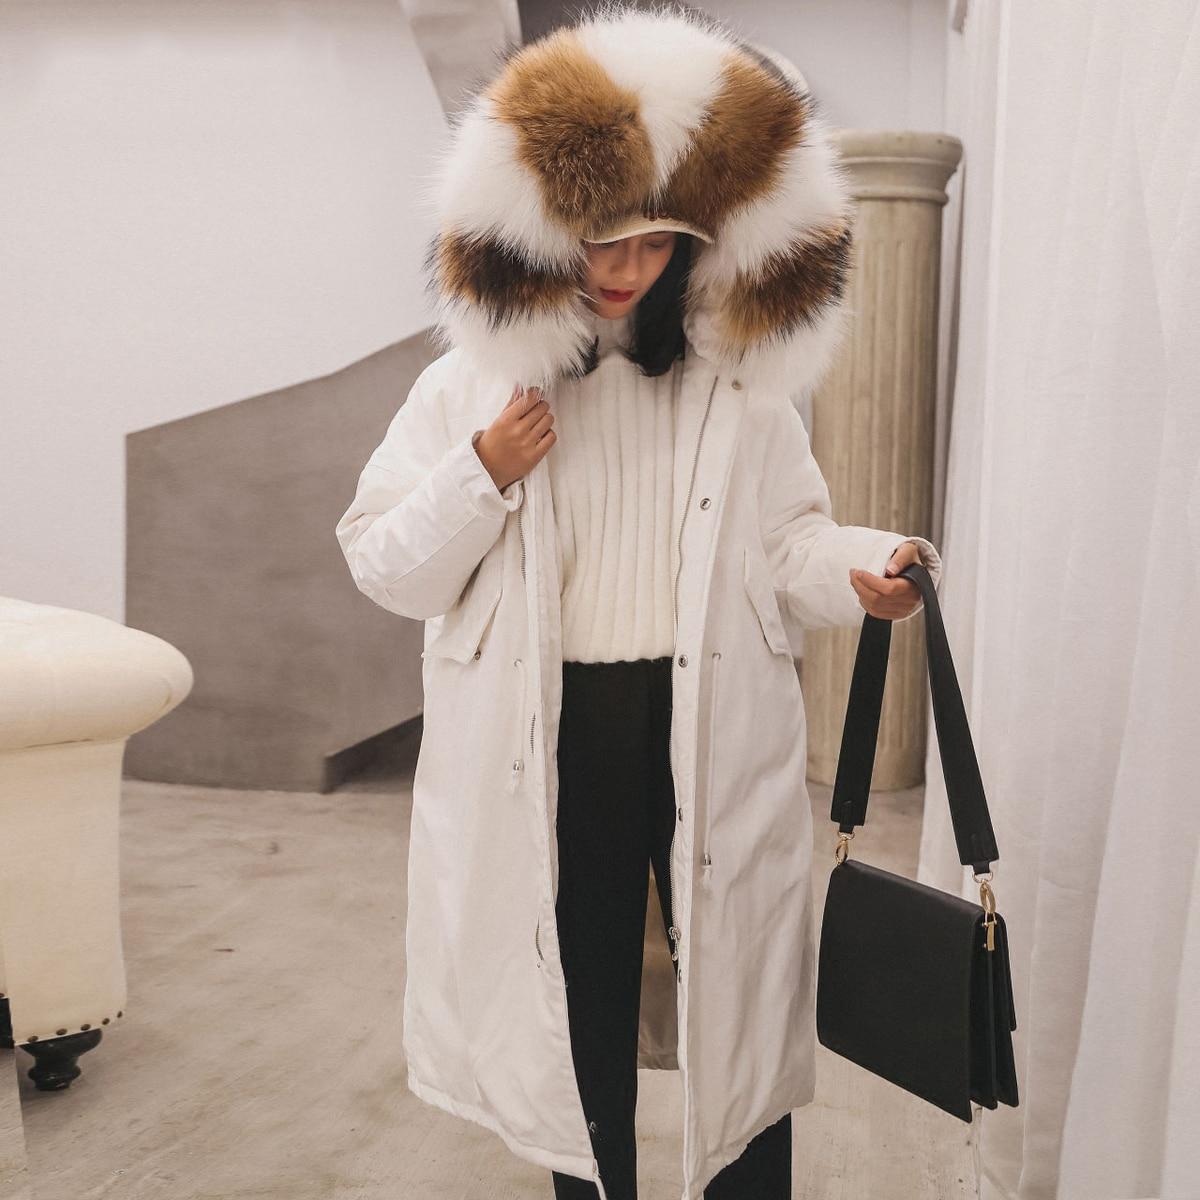 Épais Outwear Col Canard Luxe Black D'hiver De Femmes Duvet white Long Veste Vers Femelle Russe Fourrure Le Neige brown Réel Blanc Bas Manteau Vêtements Chaud Parkas 0qTwEHz